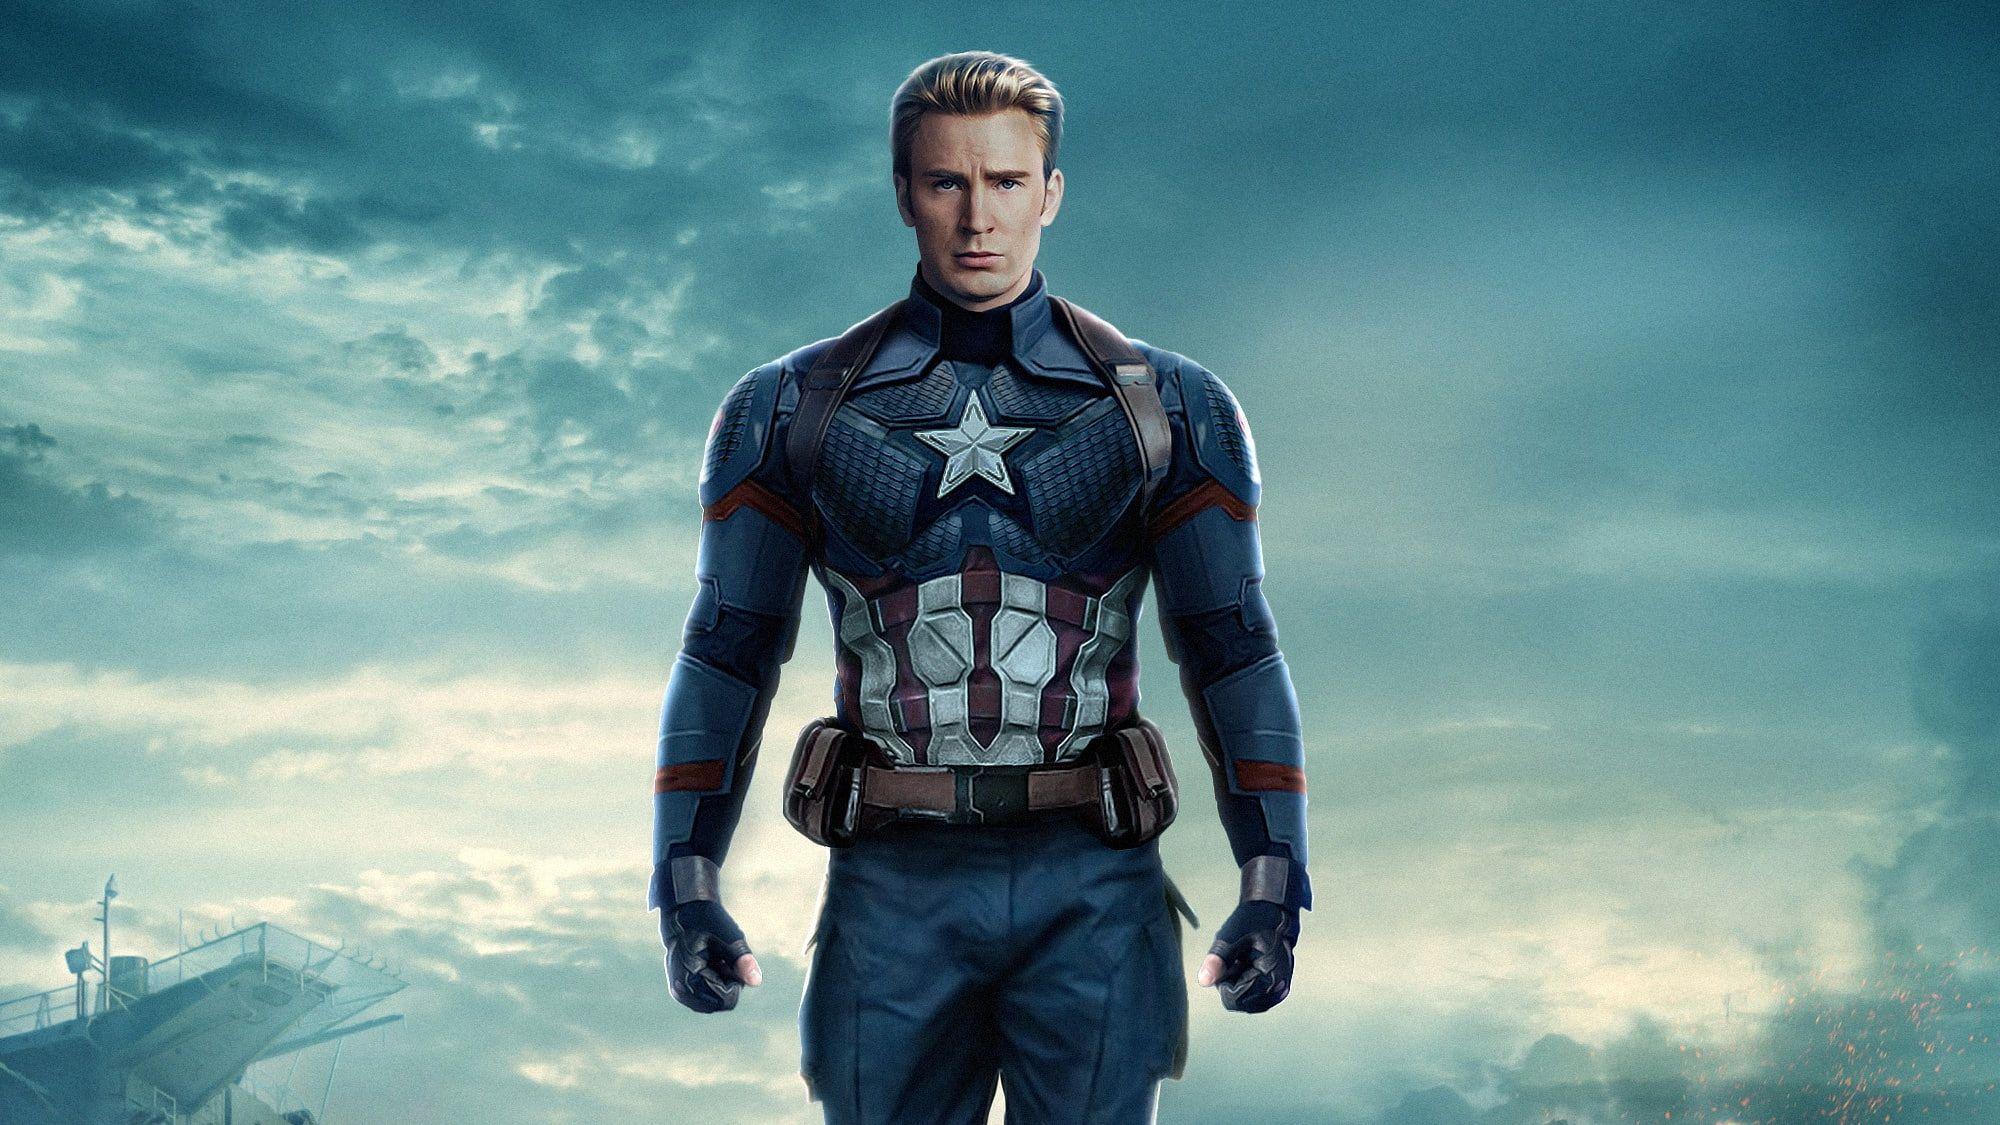 Captain America Chris Evans Steven Rogers Avengers 4 1080p Wallpaper Hdwallpaper Deskto In 2021 Chris Evans Captain America Captain America Costume Captain America 1080p full hd 1080p captain america hd